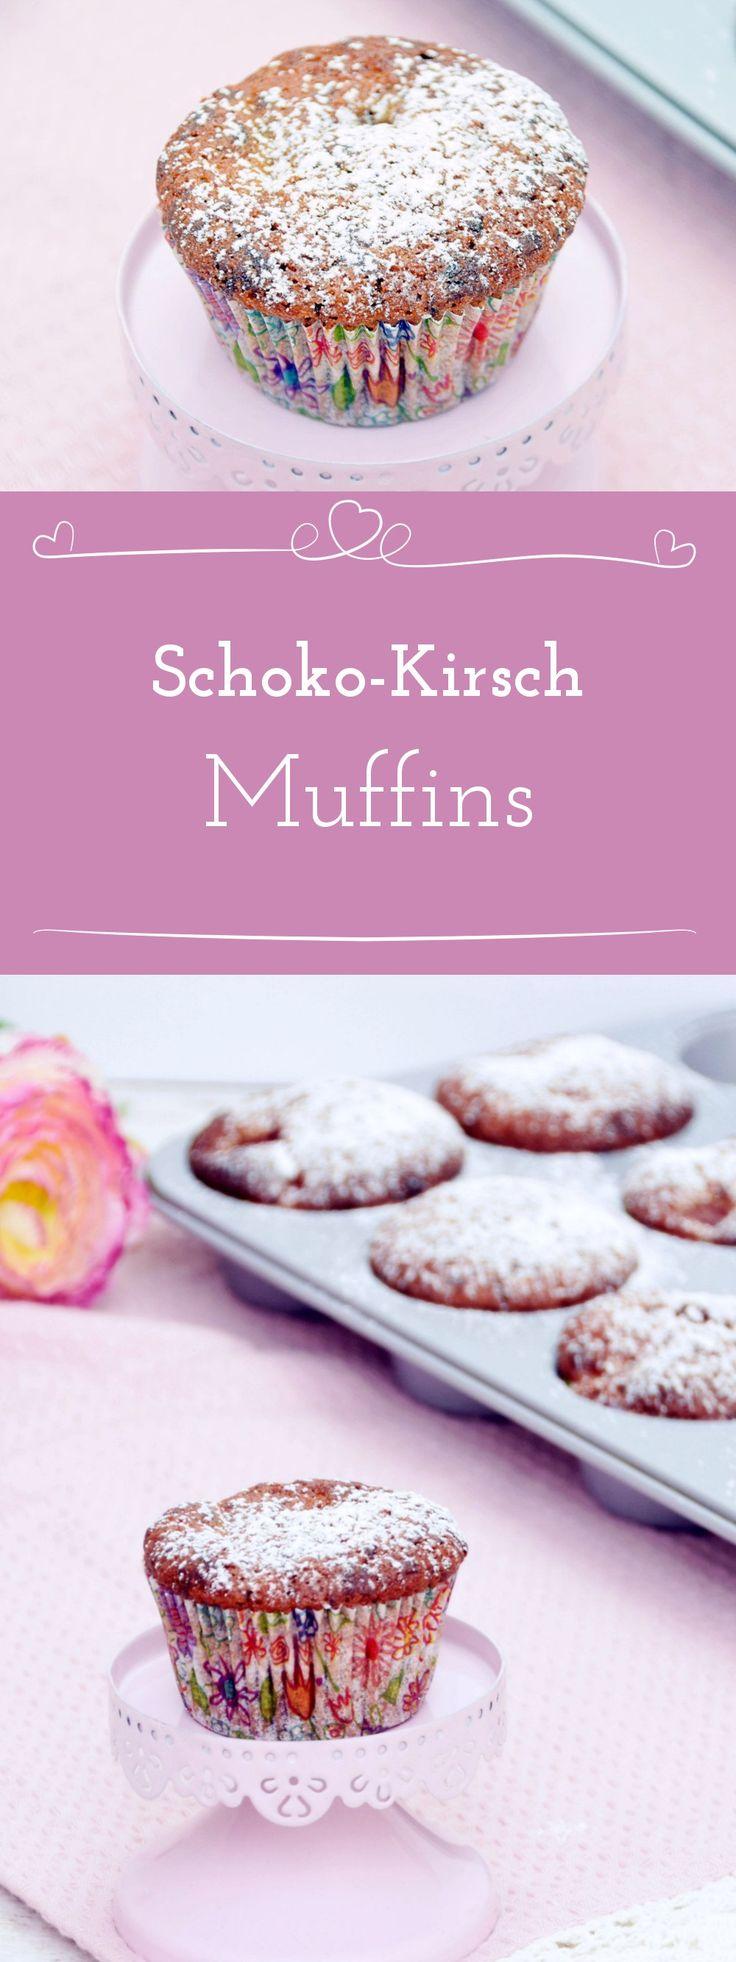 Schoko Muffins mit Sauerkirschen für den Spätsommer - Rezept für Schoko-Kirsch-Muffins von @missfancyde #schokokirschmuffins #muffins #schokomuffins